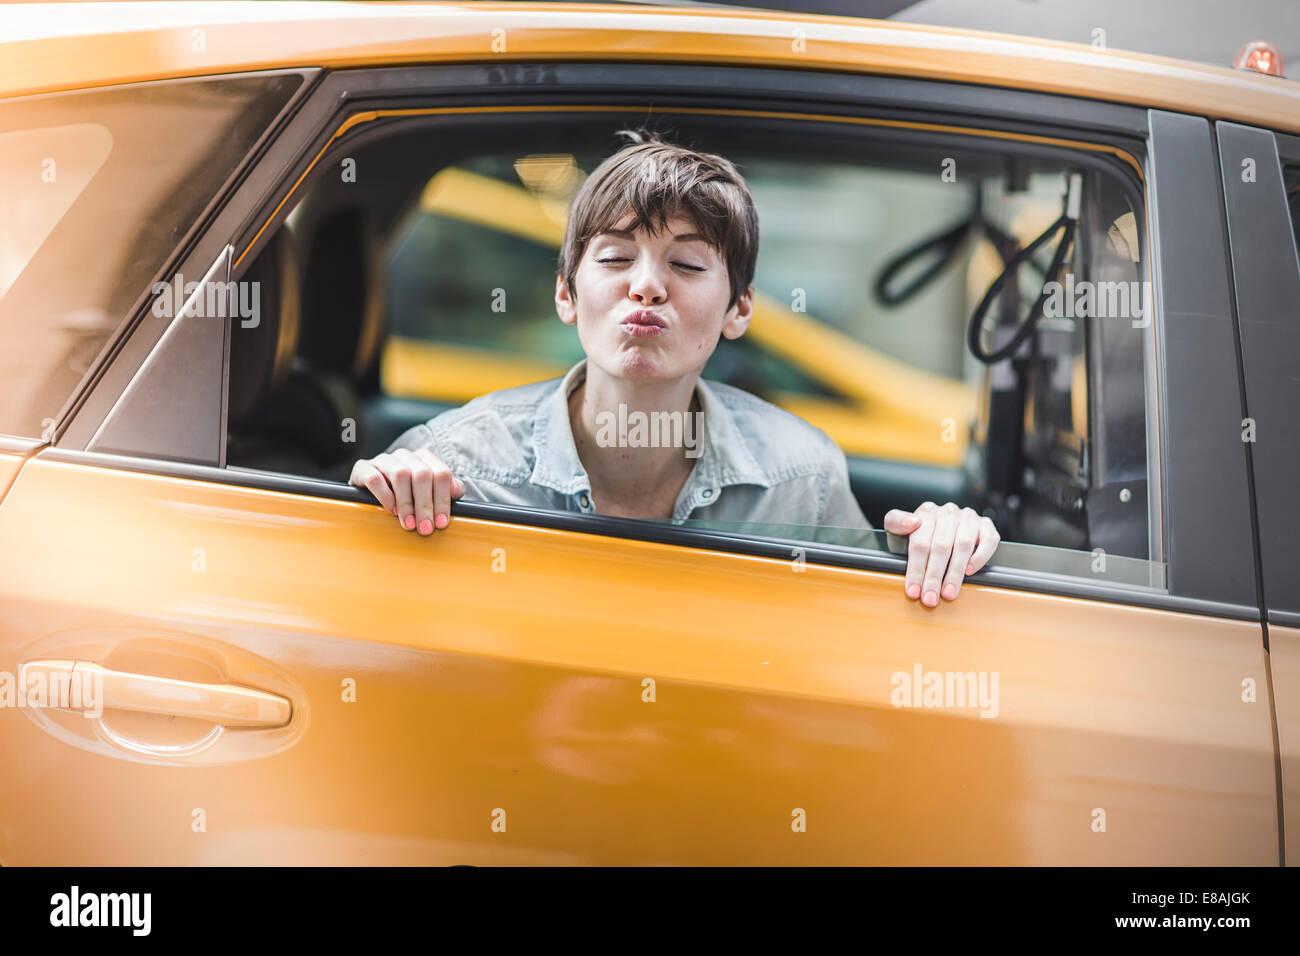 Frau bläst Kuss von gelbes Taxi, New York, USA Stockbild